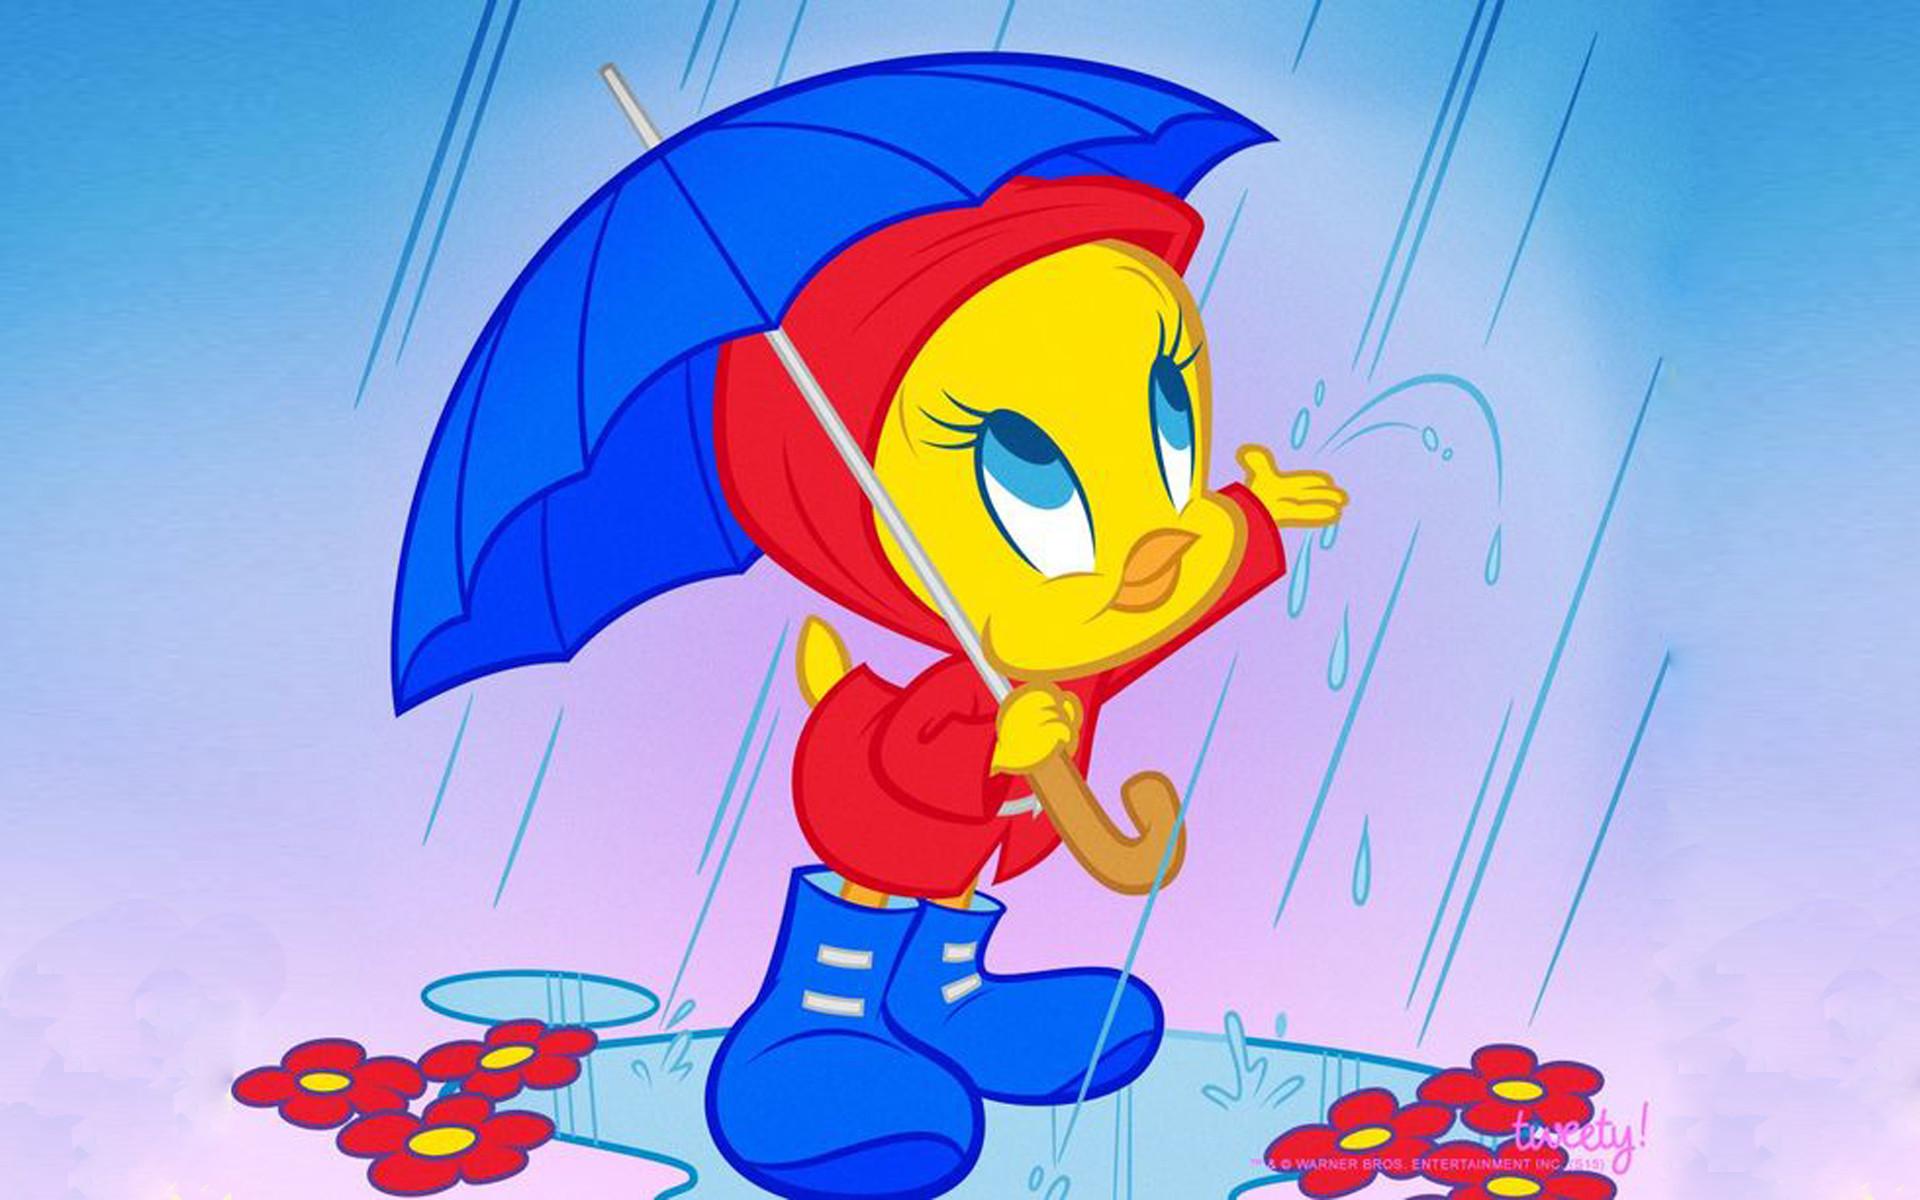 X Men Animated Series Wallpaper Looney Tunes Tweety Bird Wallpaper 61 Images